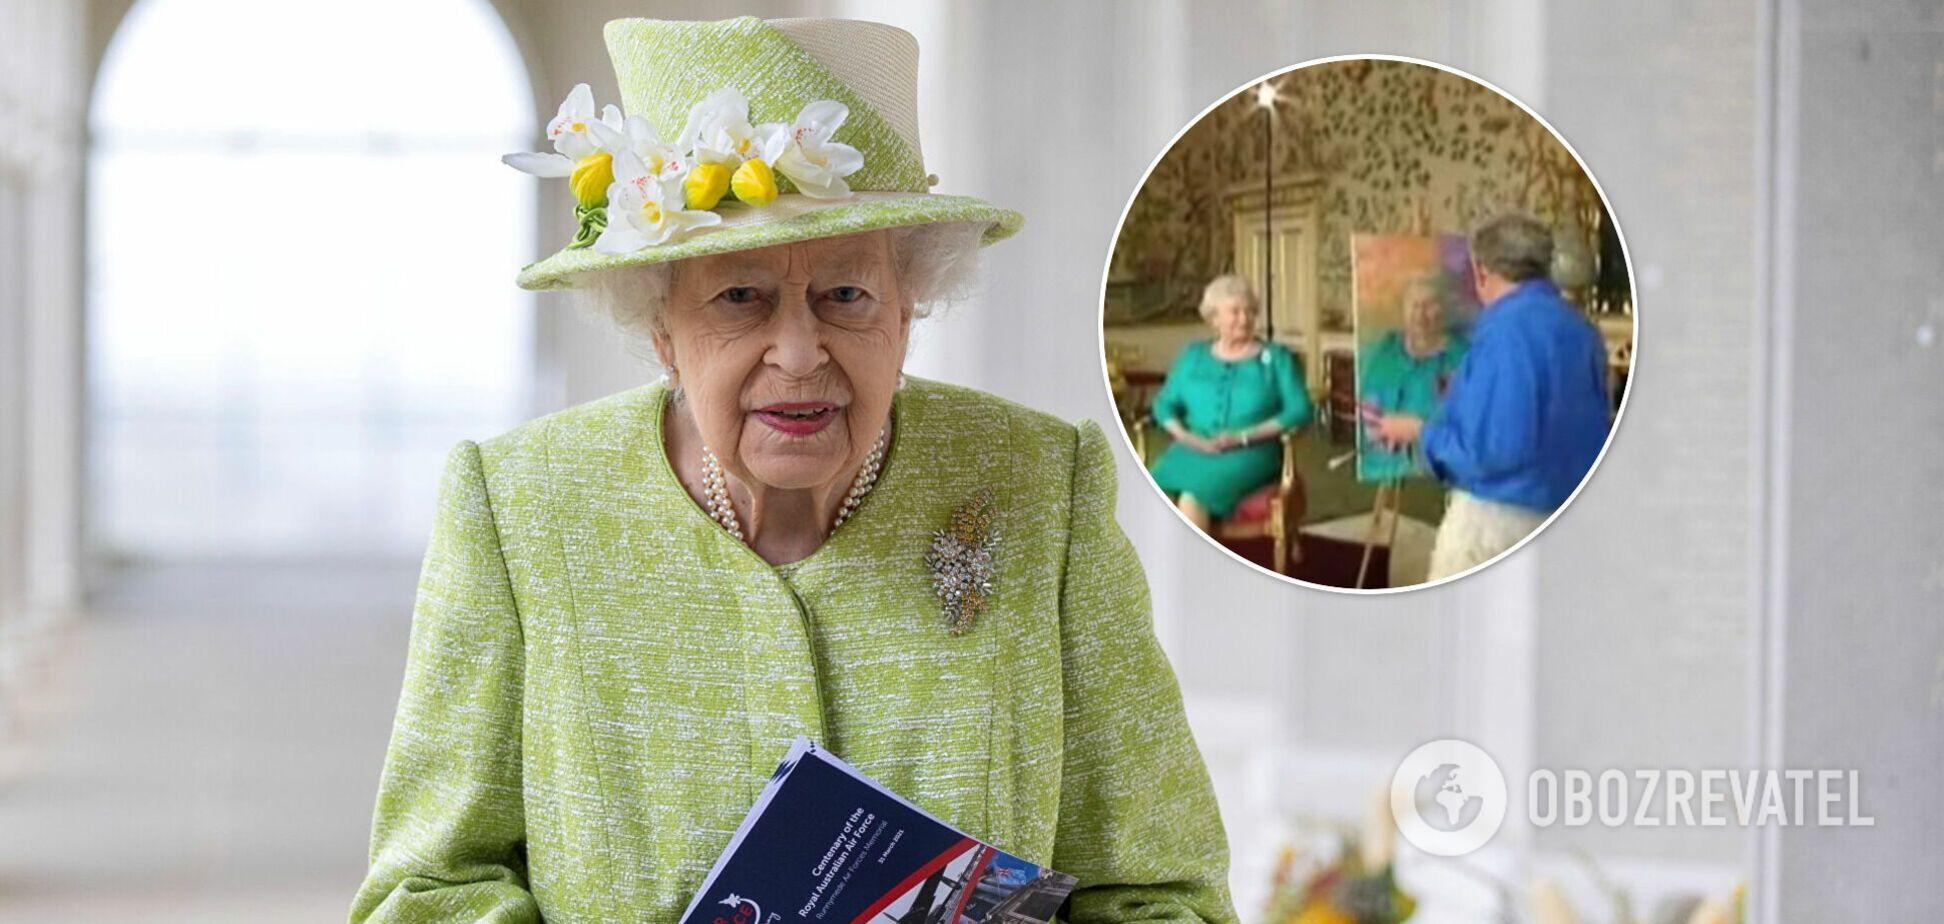 'Неа, меня это не огорчает': забавная реакция Елизаветы II на вопрос о старении покорила сеть